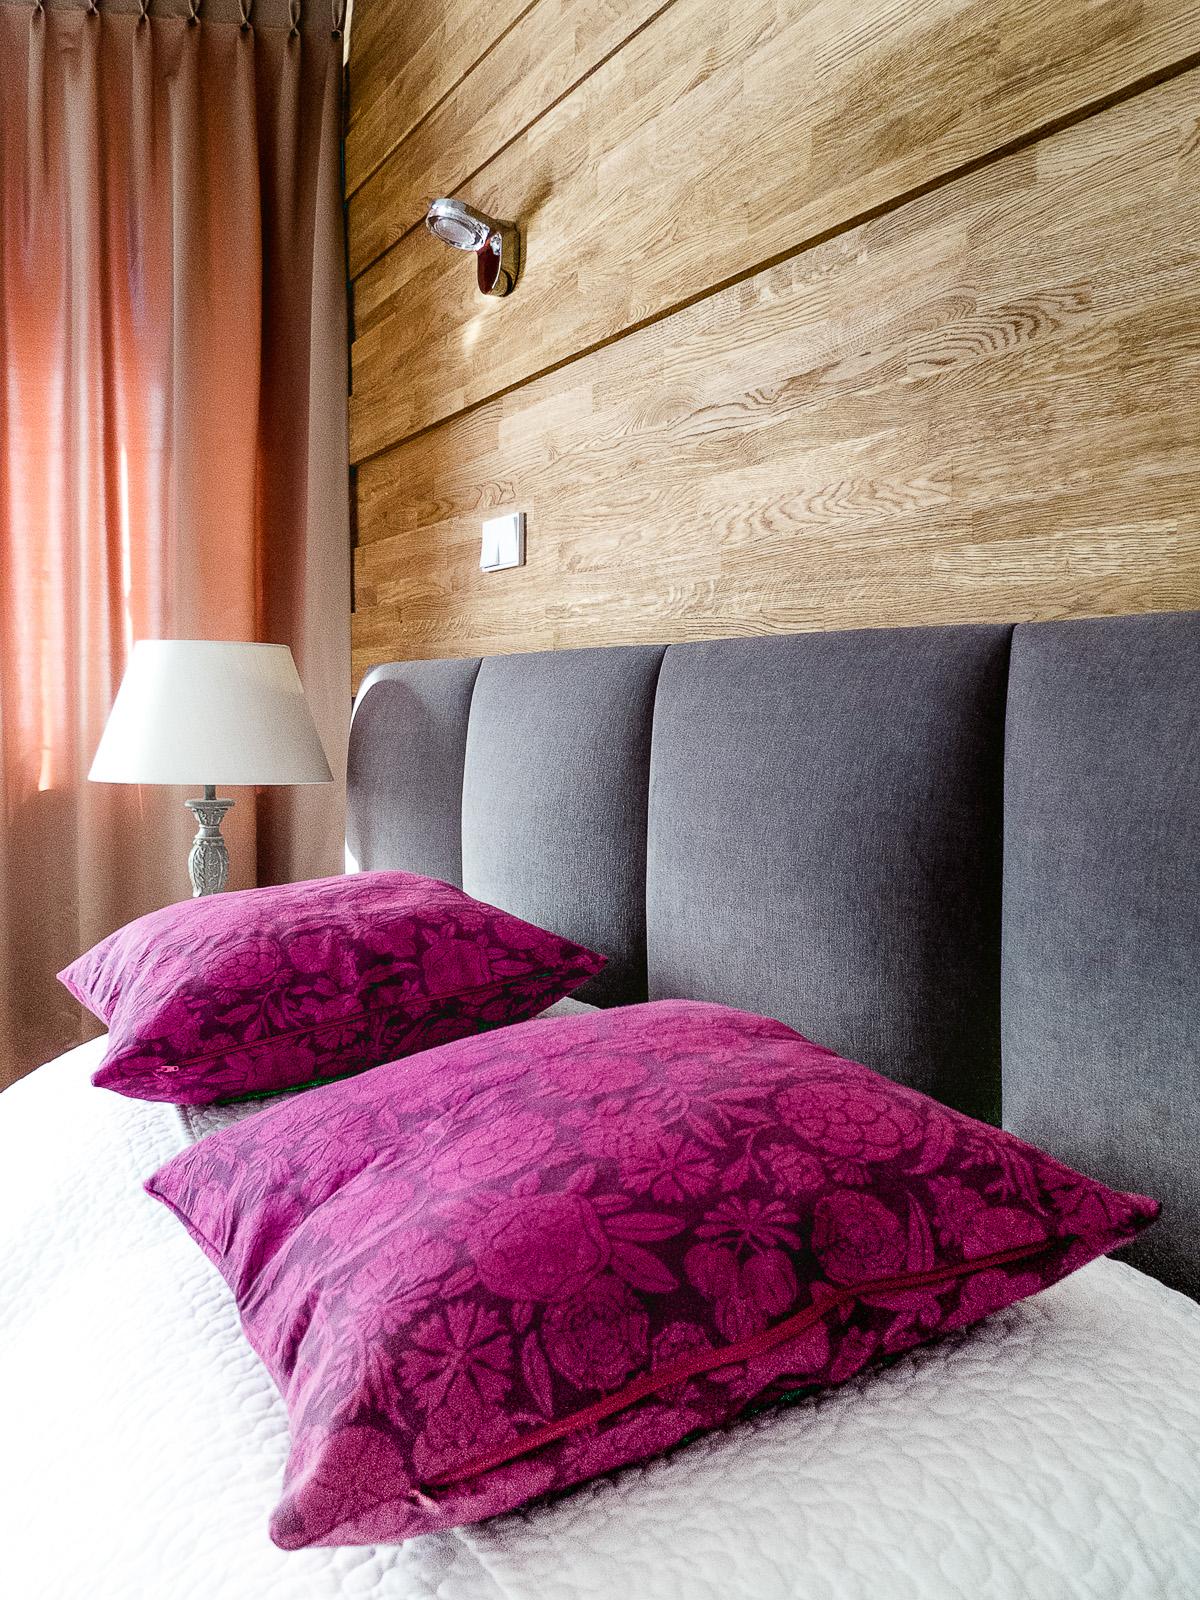 Apartament w Zakopanem. Sypialnia.